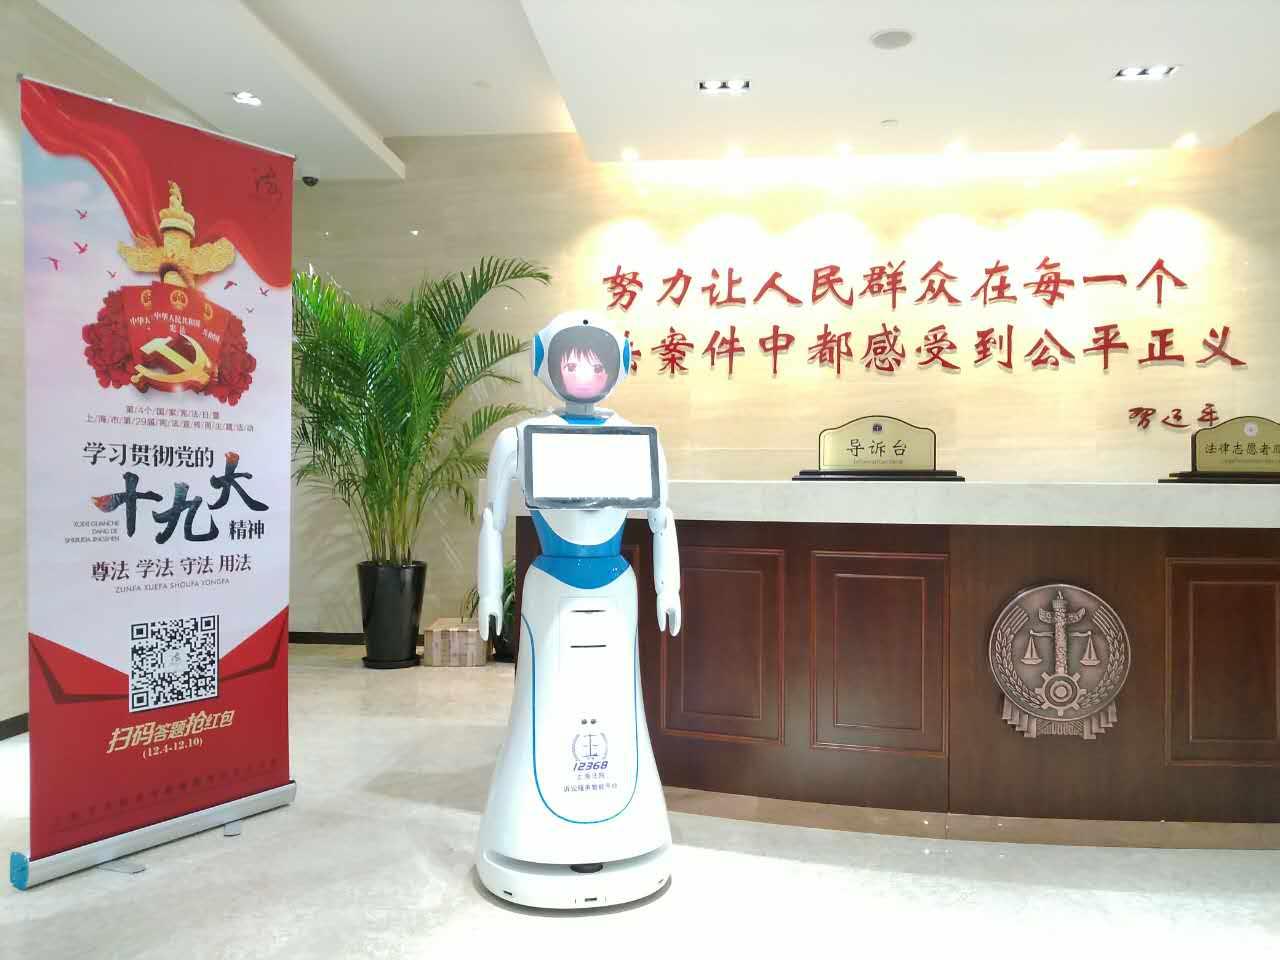 法院机器人.jpg